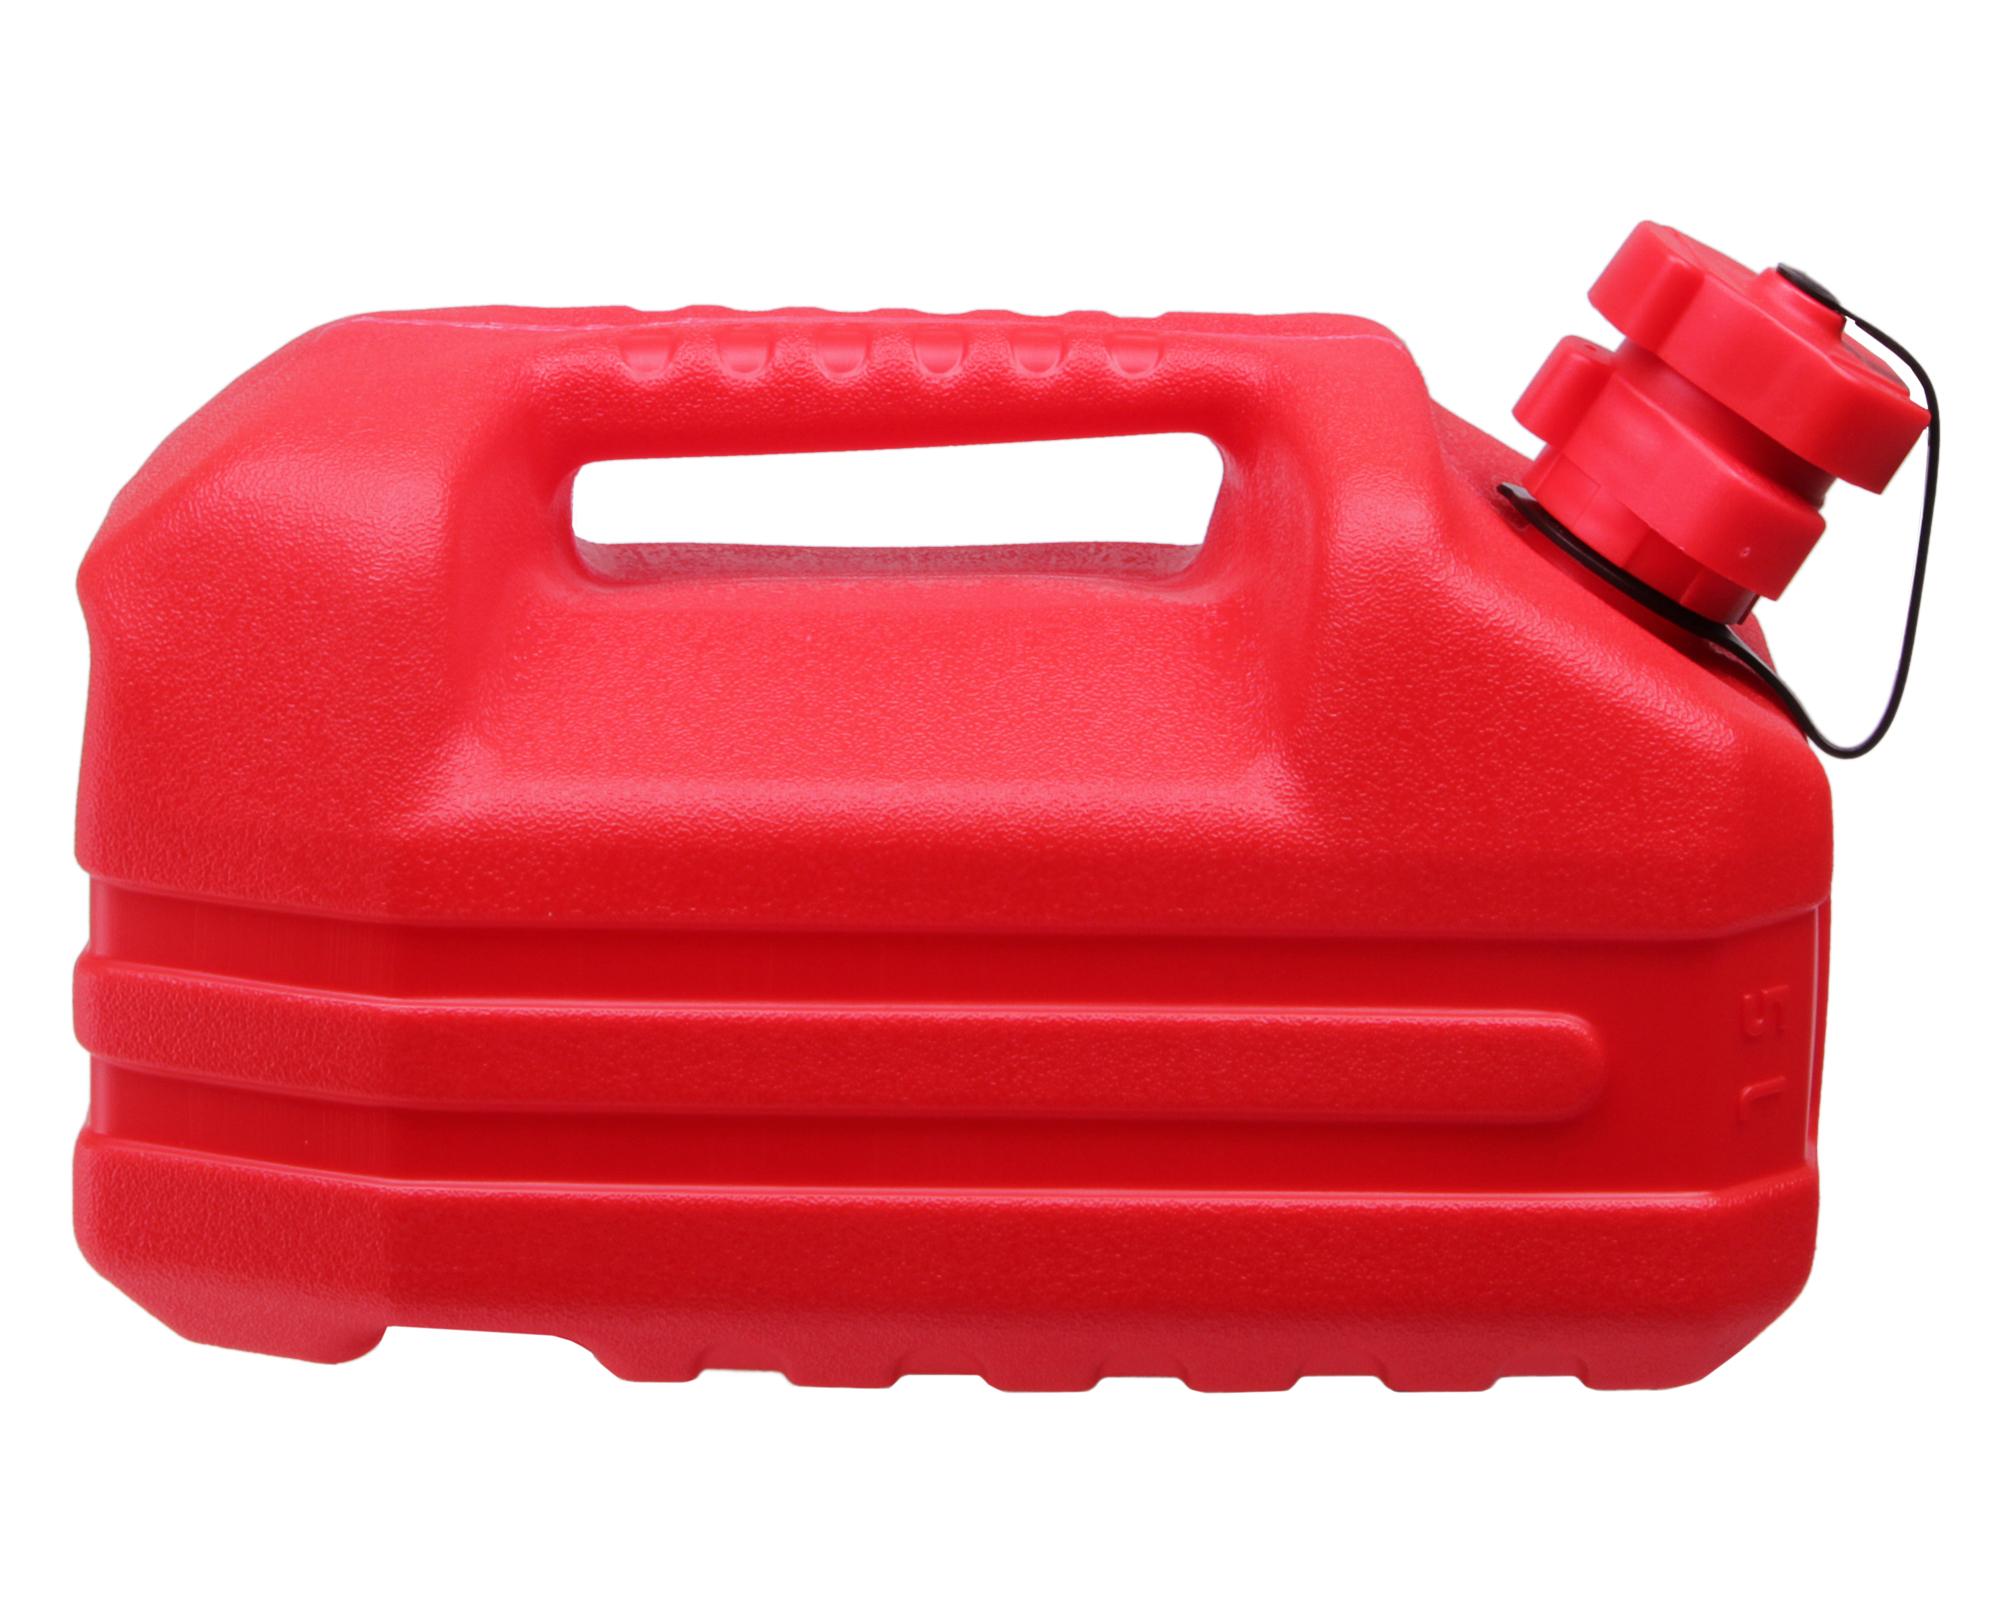 Brandneu Ondis24 Benzinkanister 5 Liter tropfsicher Reservekanister günstig  AG23